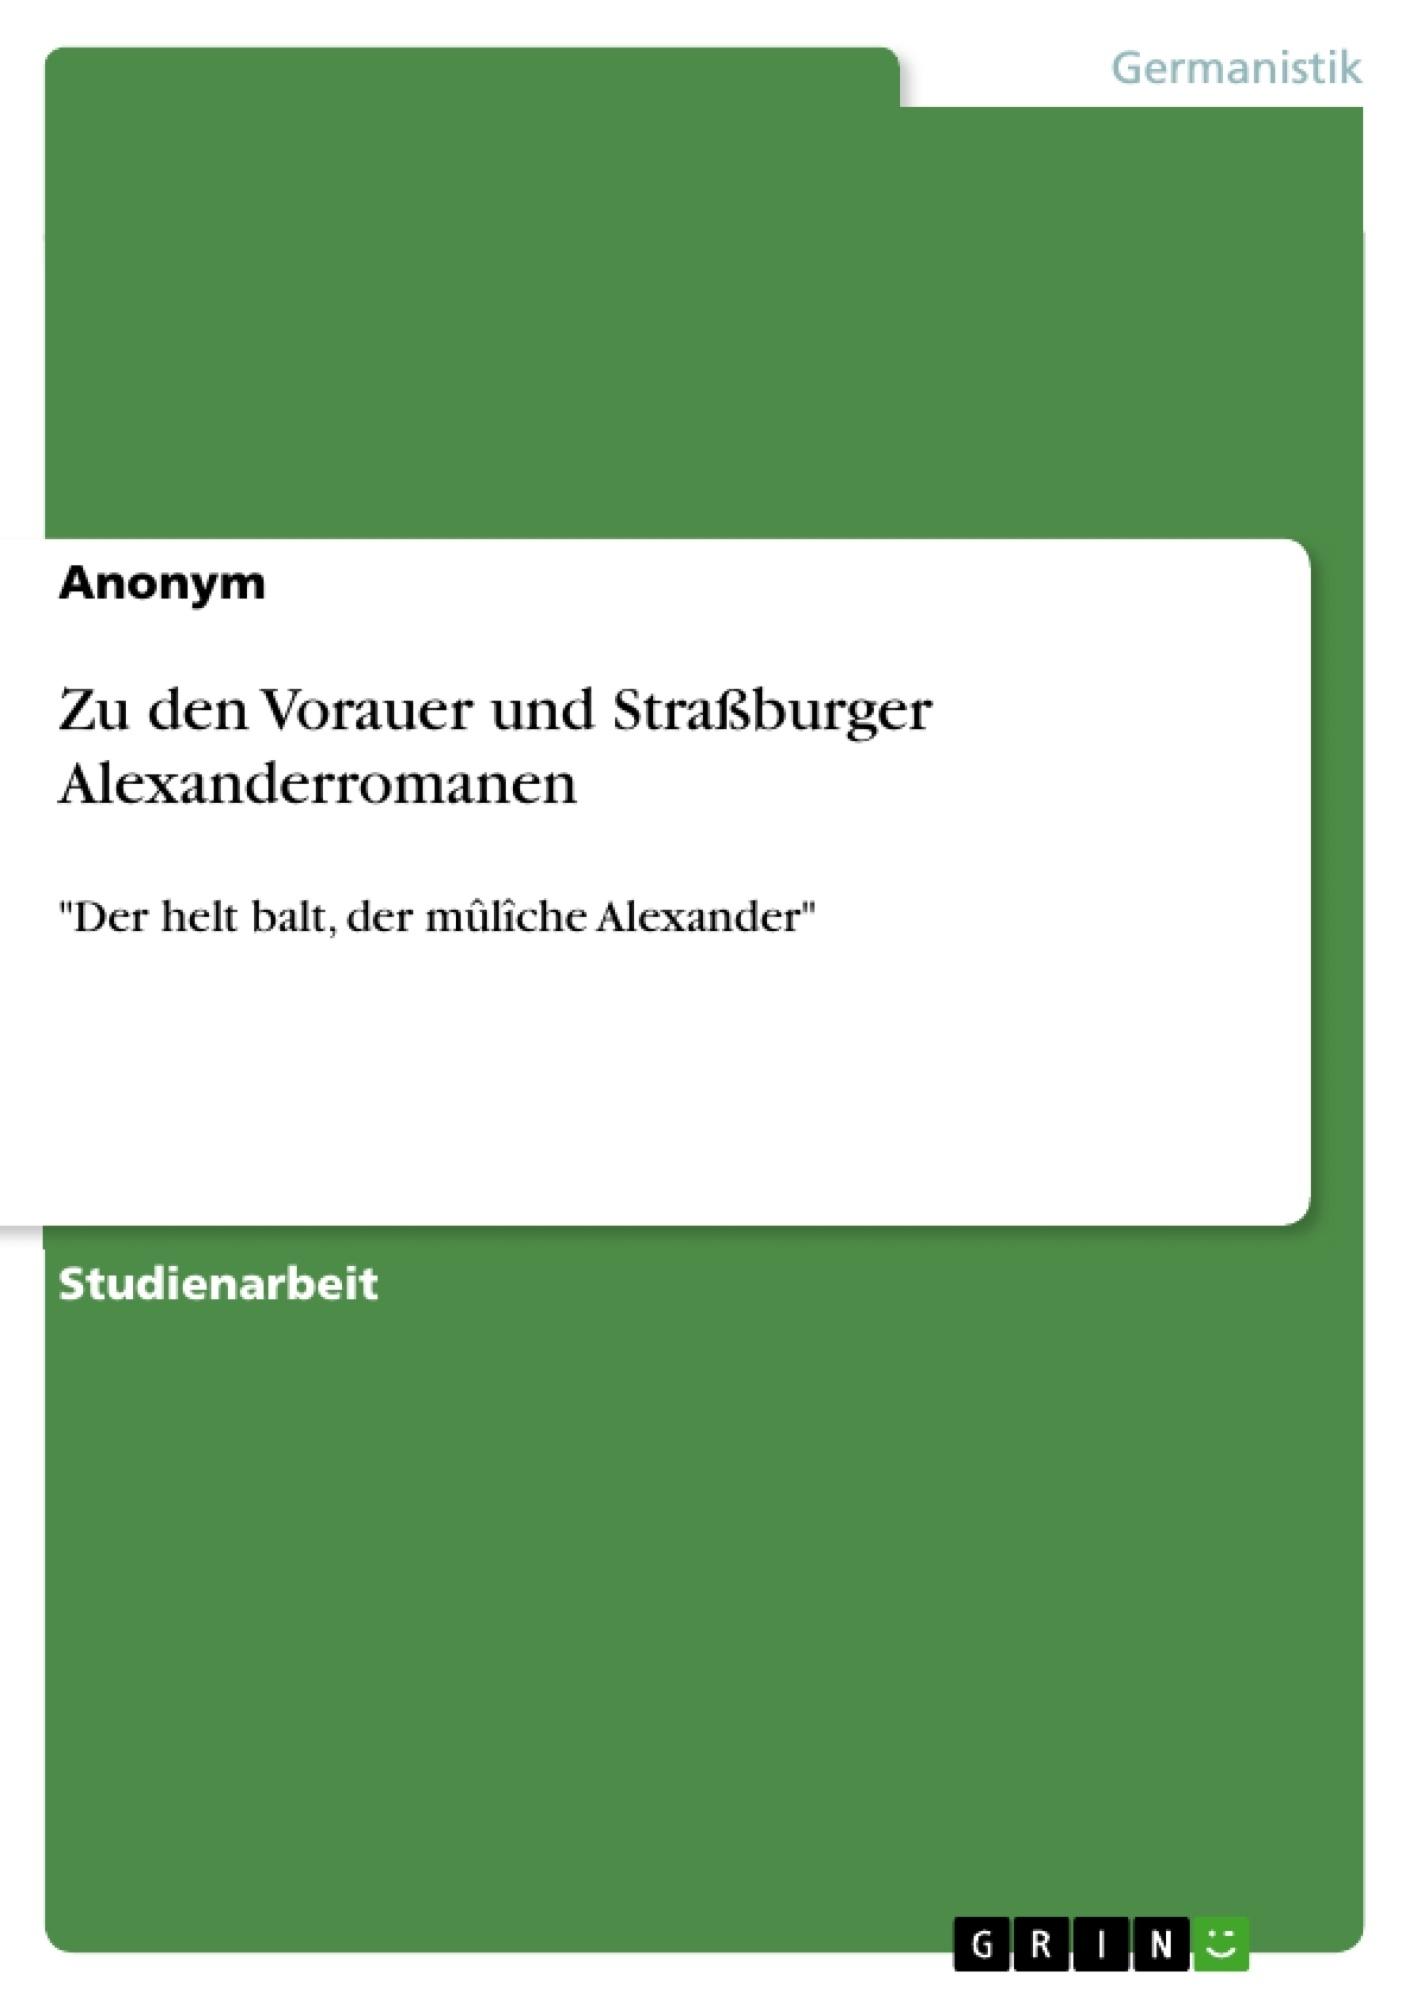 Titel: Zu den Vorauer und Straßburger Alexanderromanen